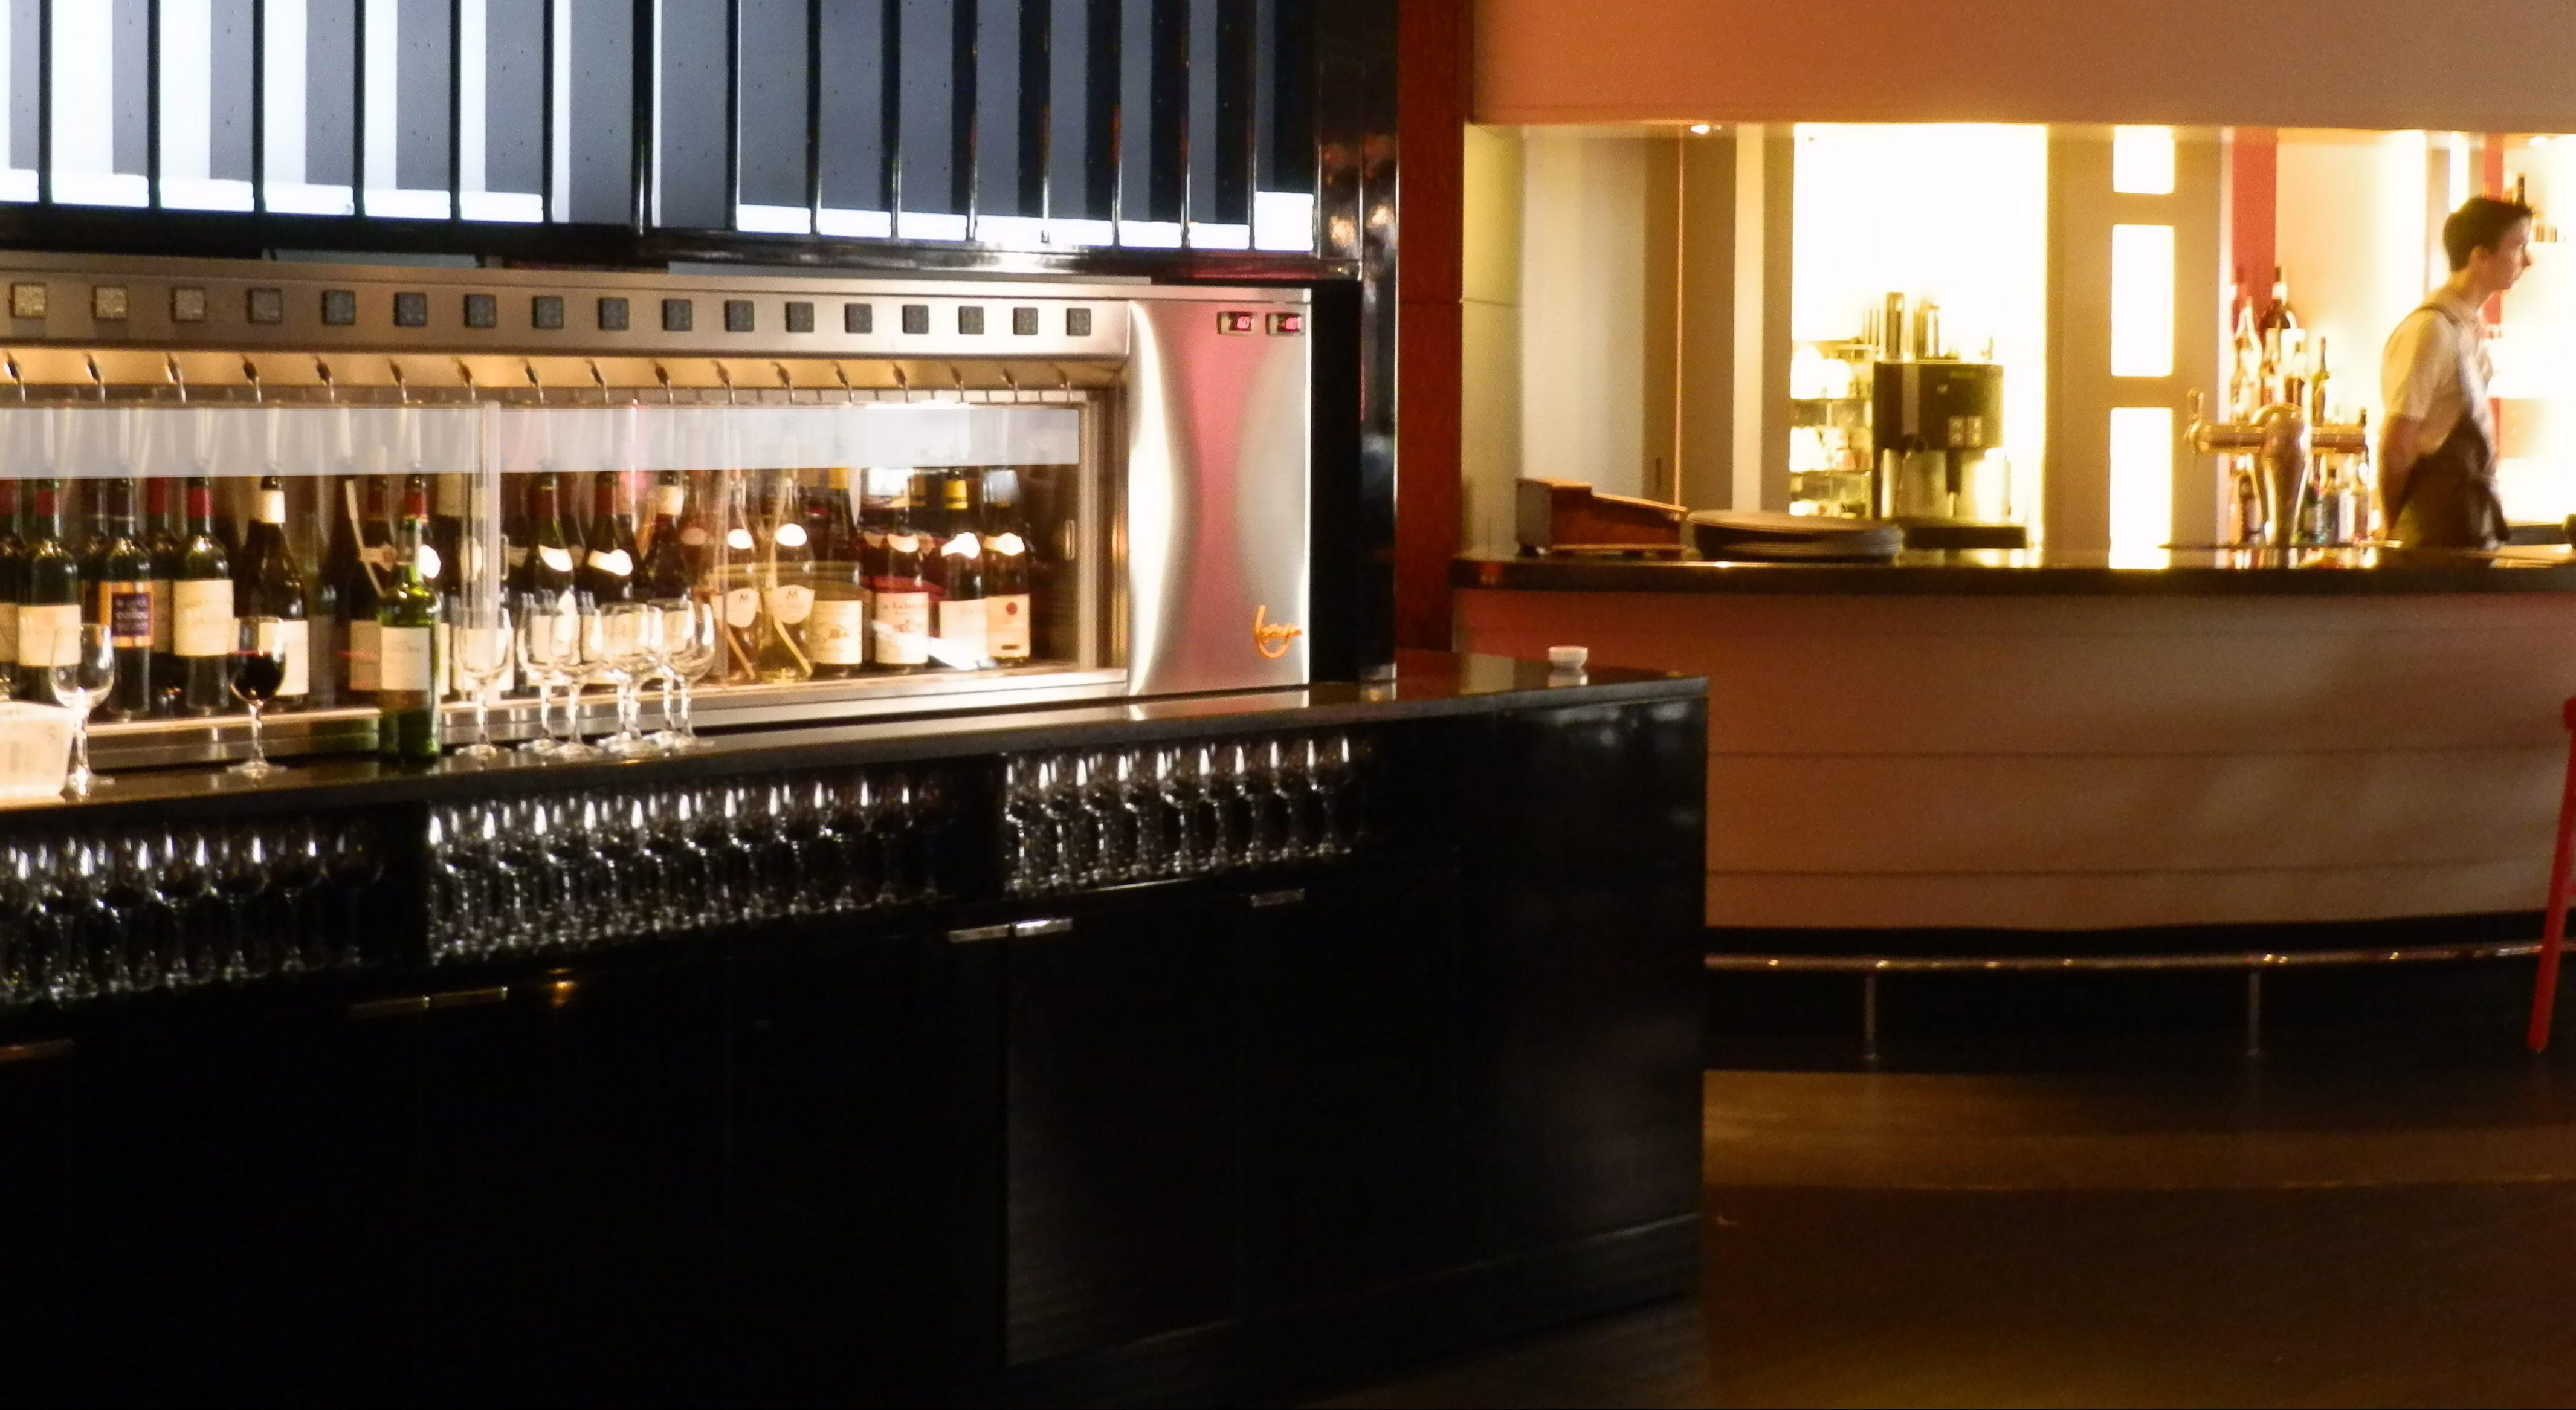 Distributeur de vin au verre modèle Sur-Mesure